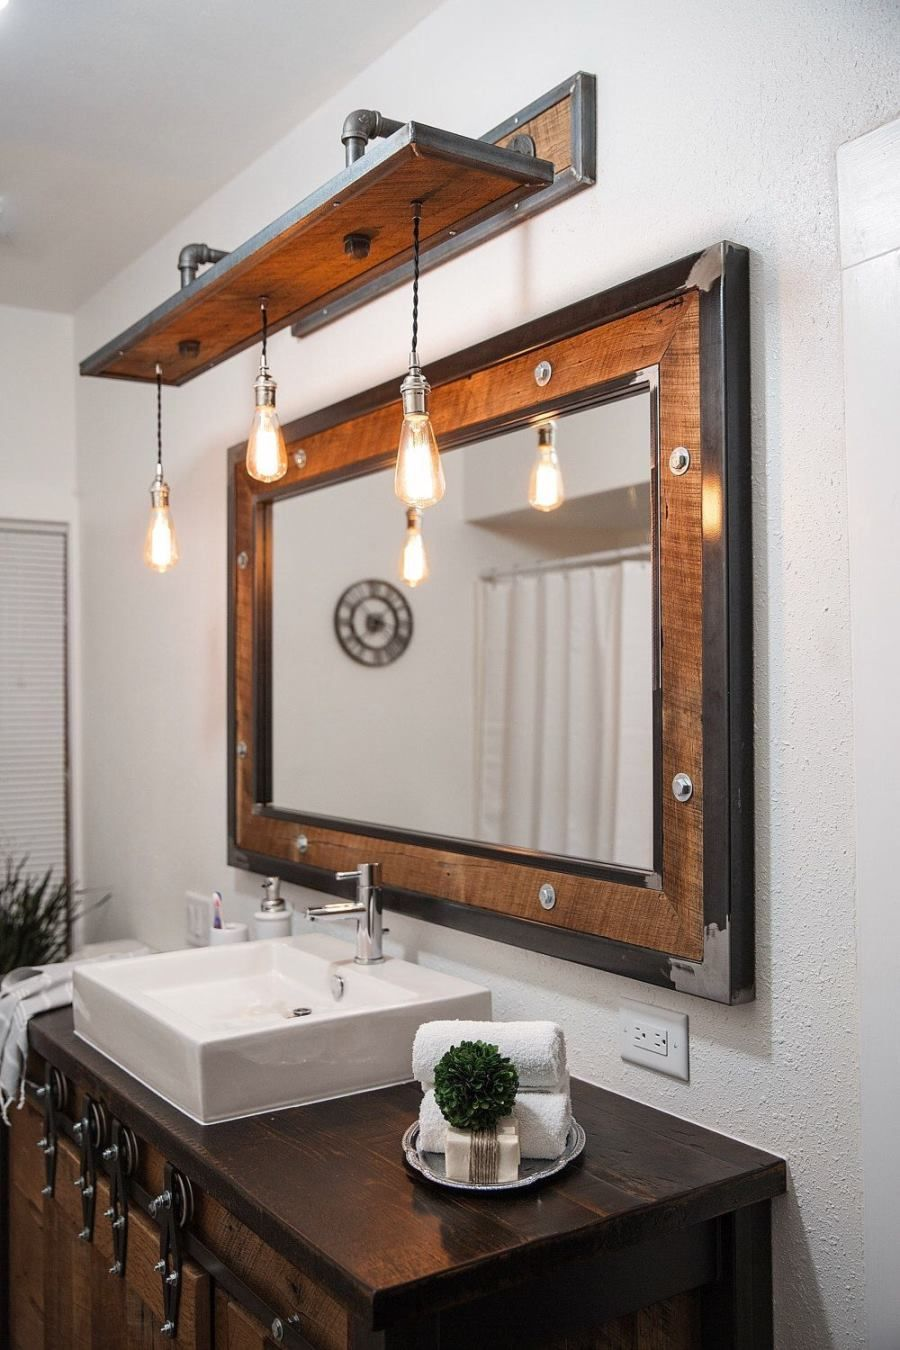 Industrial Home Decor27 Breathtaking Industrial Decor Mirror Ideas Saleprice 45 Disenos De Sala De Bano Rusticos Diseno De Banos Muebles Hierro Y Madera